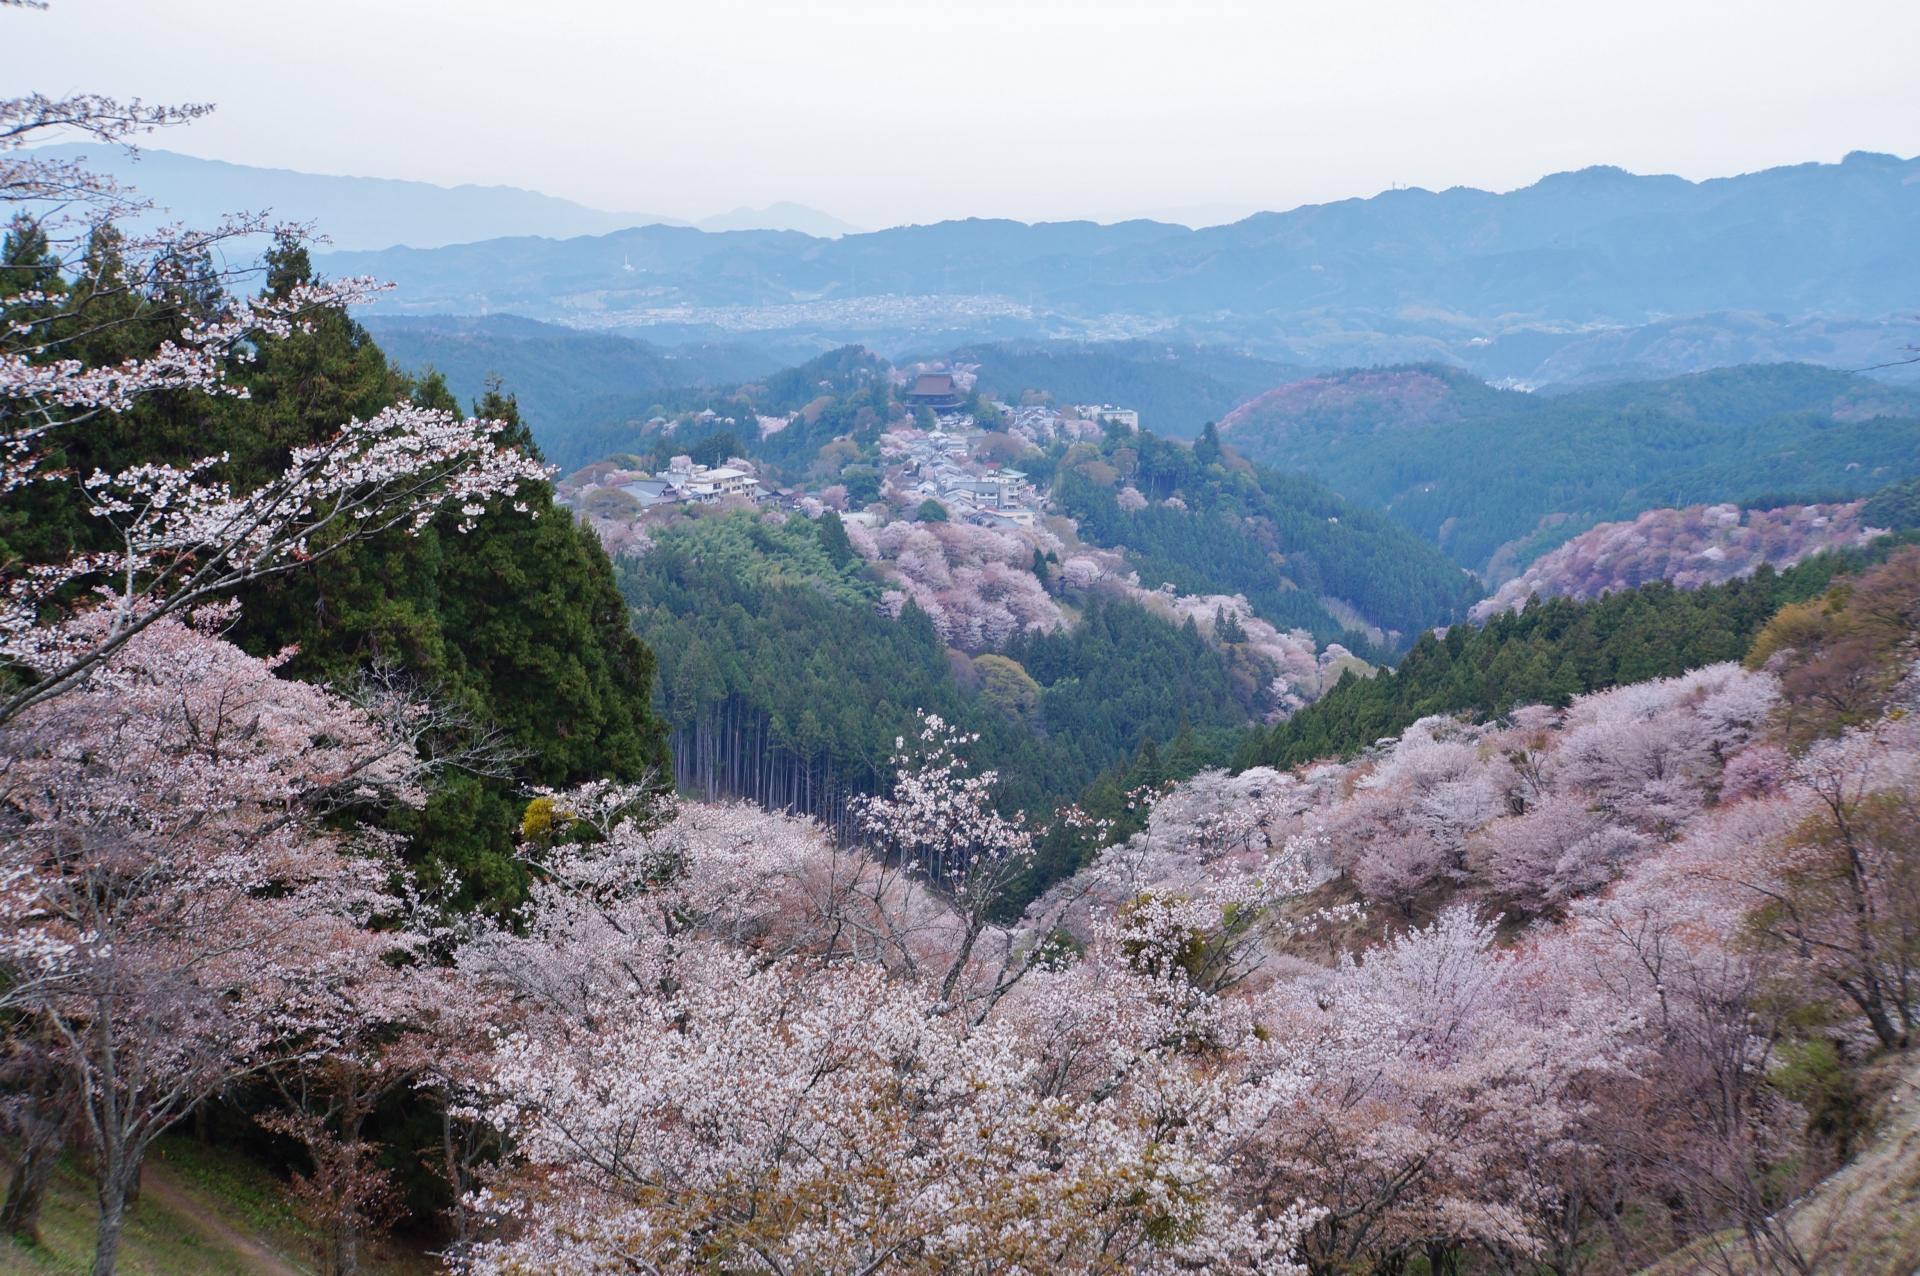 889174_m 奈良県  吉野山(山が桜に染まる春におすすめの絶景スポット! 写真の紹介、アクセス情報や駐車場情報など)